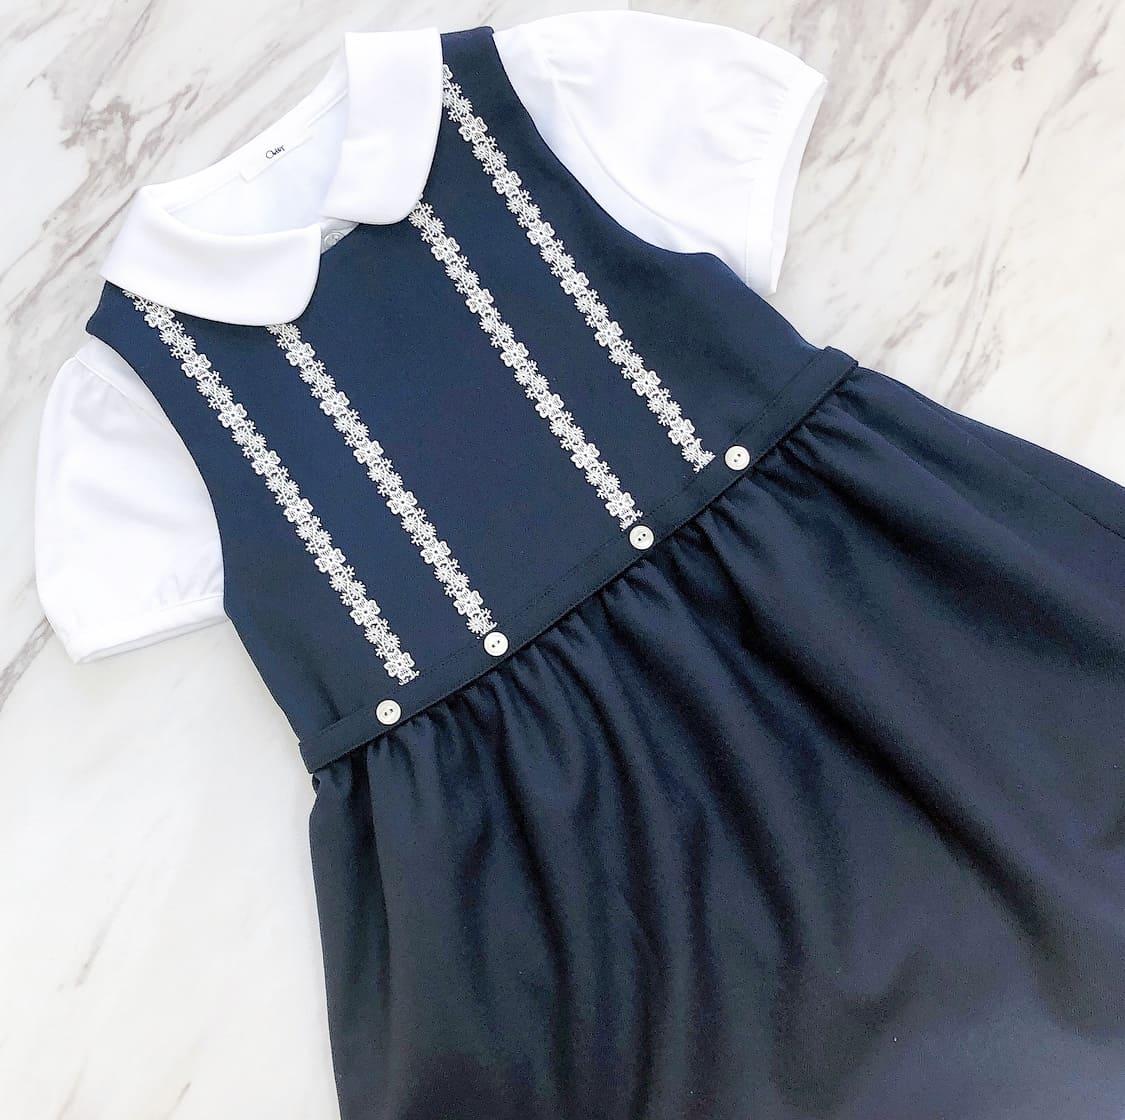 【カリニッシモ】ジャンパースカート 胸元レース&ギャザーフレアスカート KCSJK-R102